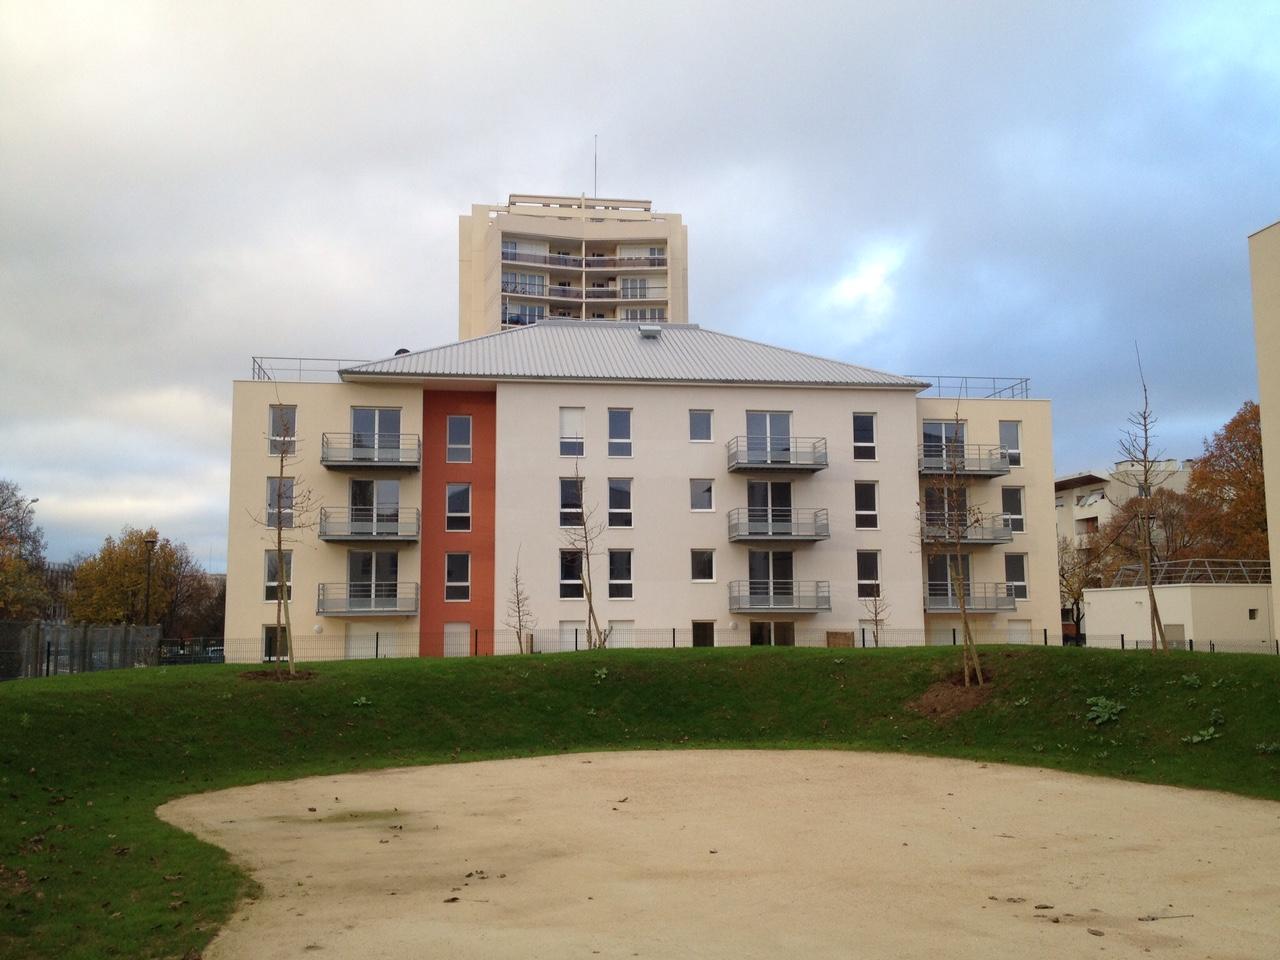 Parc Paul Valéry - Melun